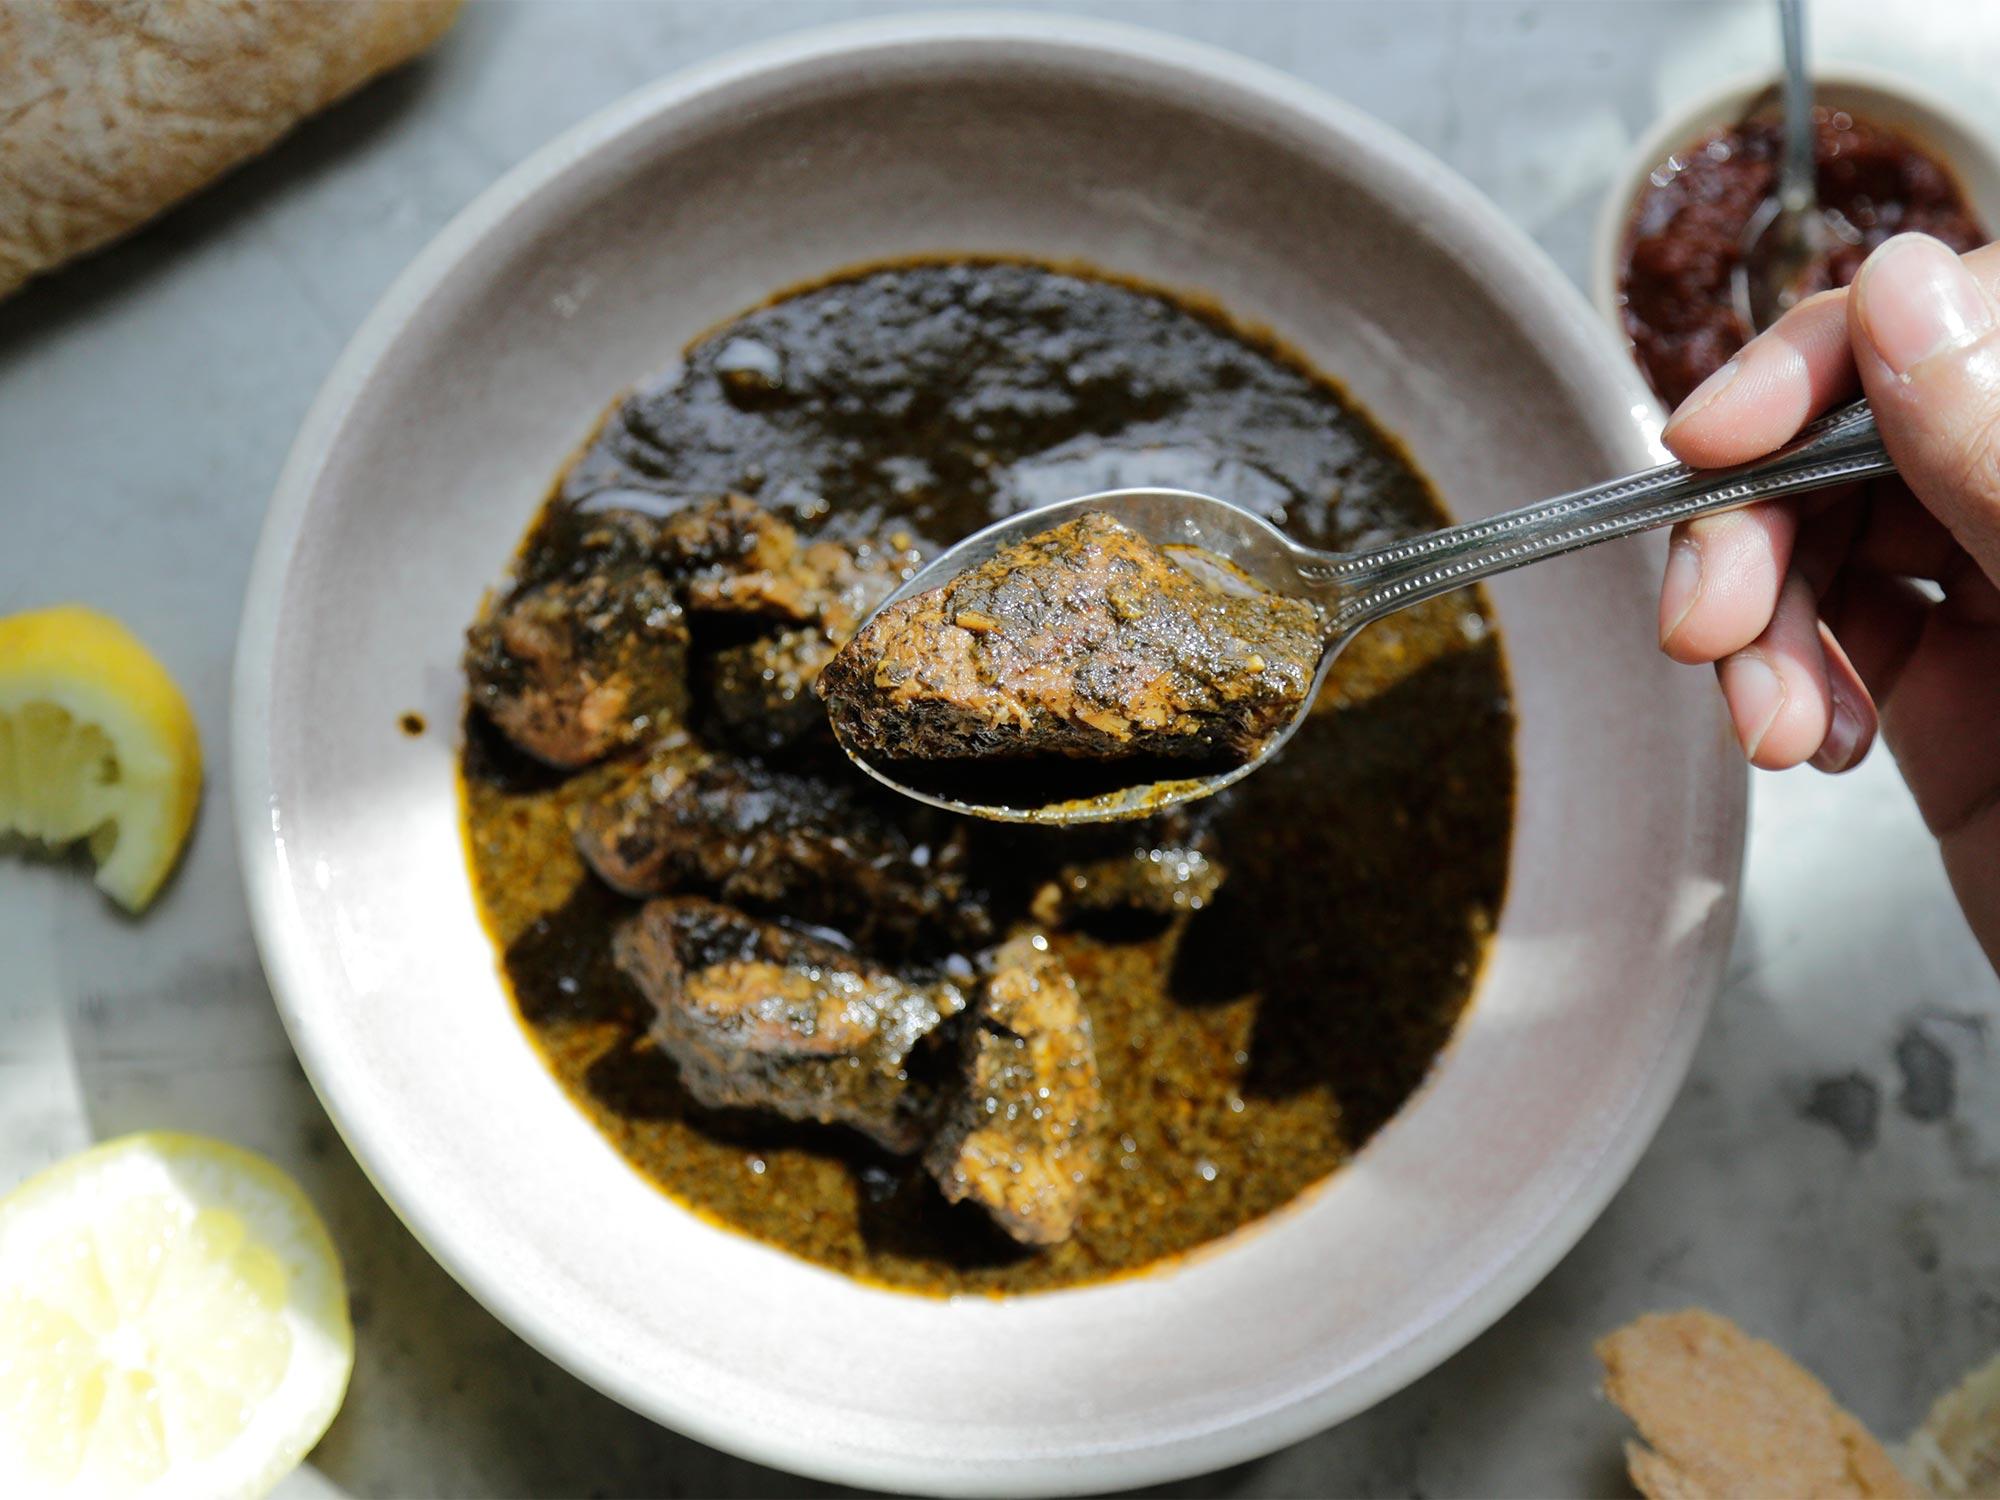 Tunisian Food, Traditional Tunisian Food, Tunisia food, Tunisia cuisine, traditional food in Tunisia, Tunisian cuisine, Tunisia dishes, Tunisian dishes, muloukhia